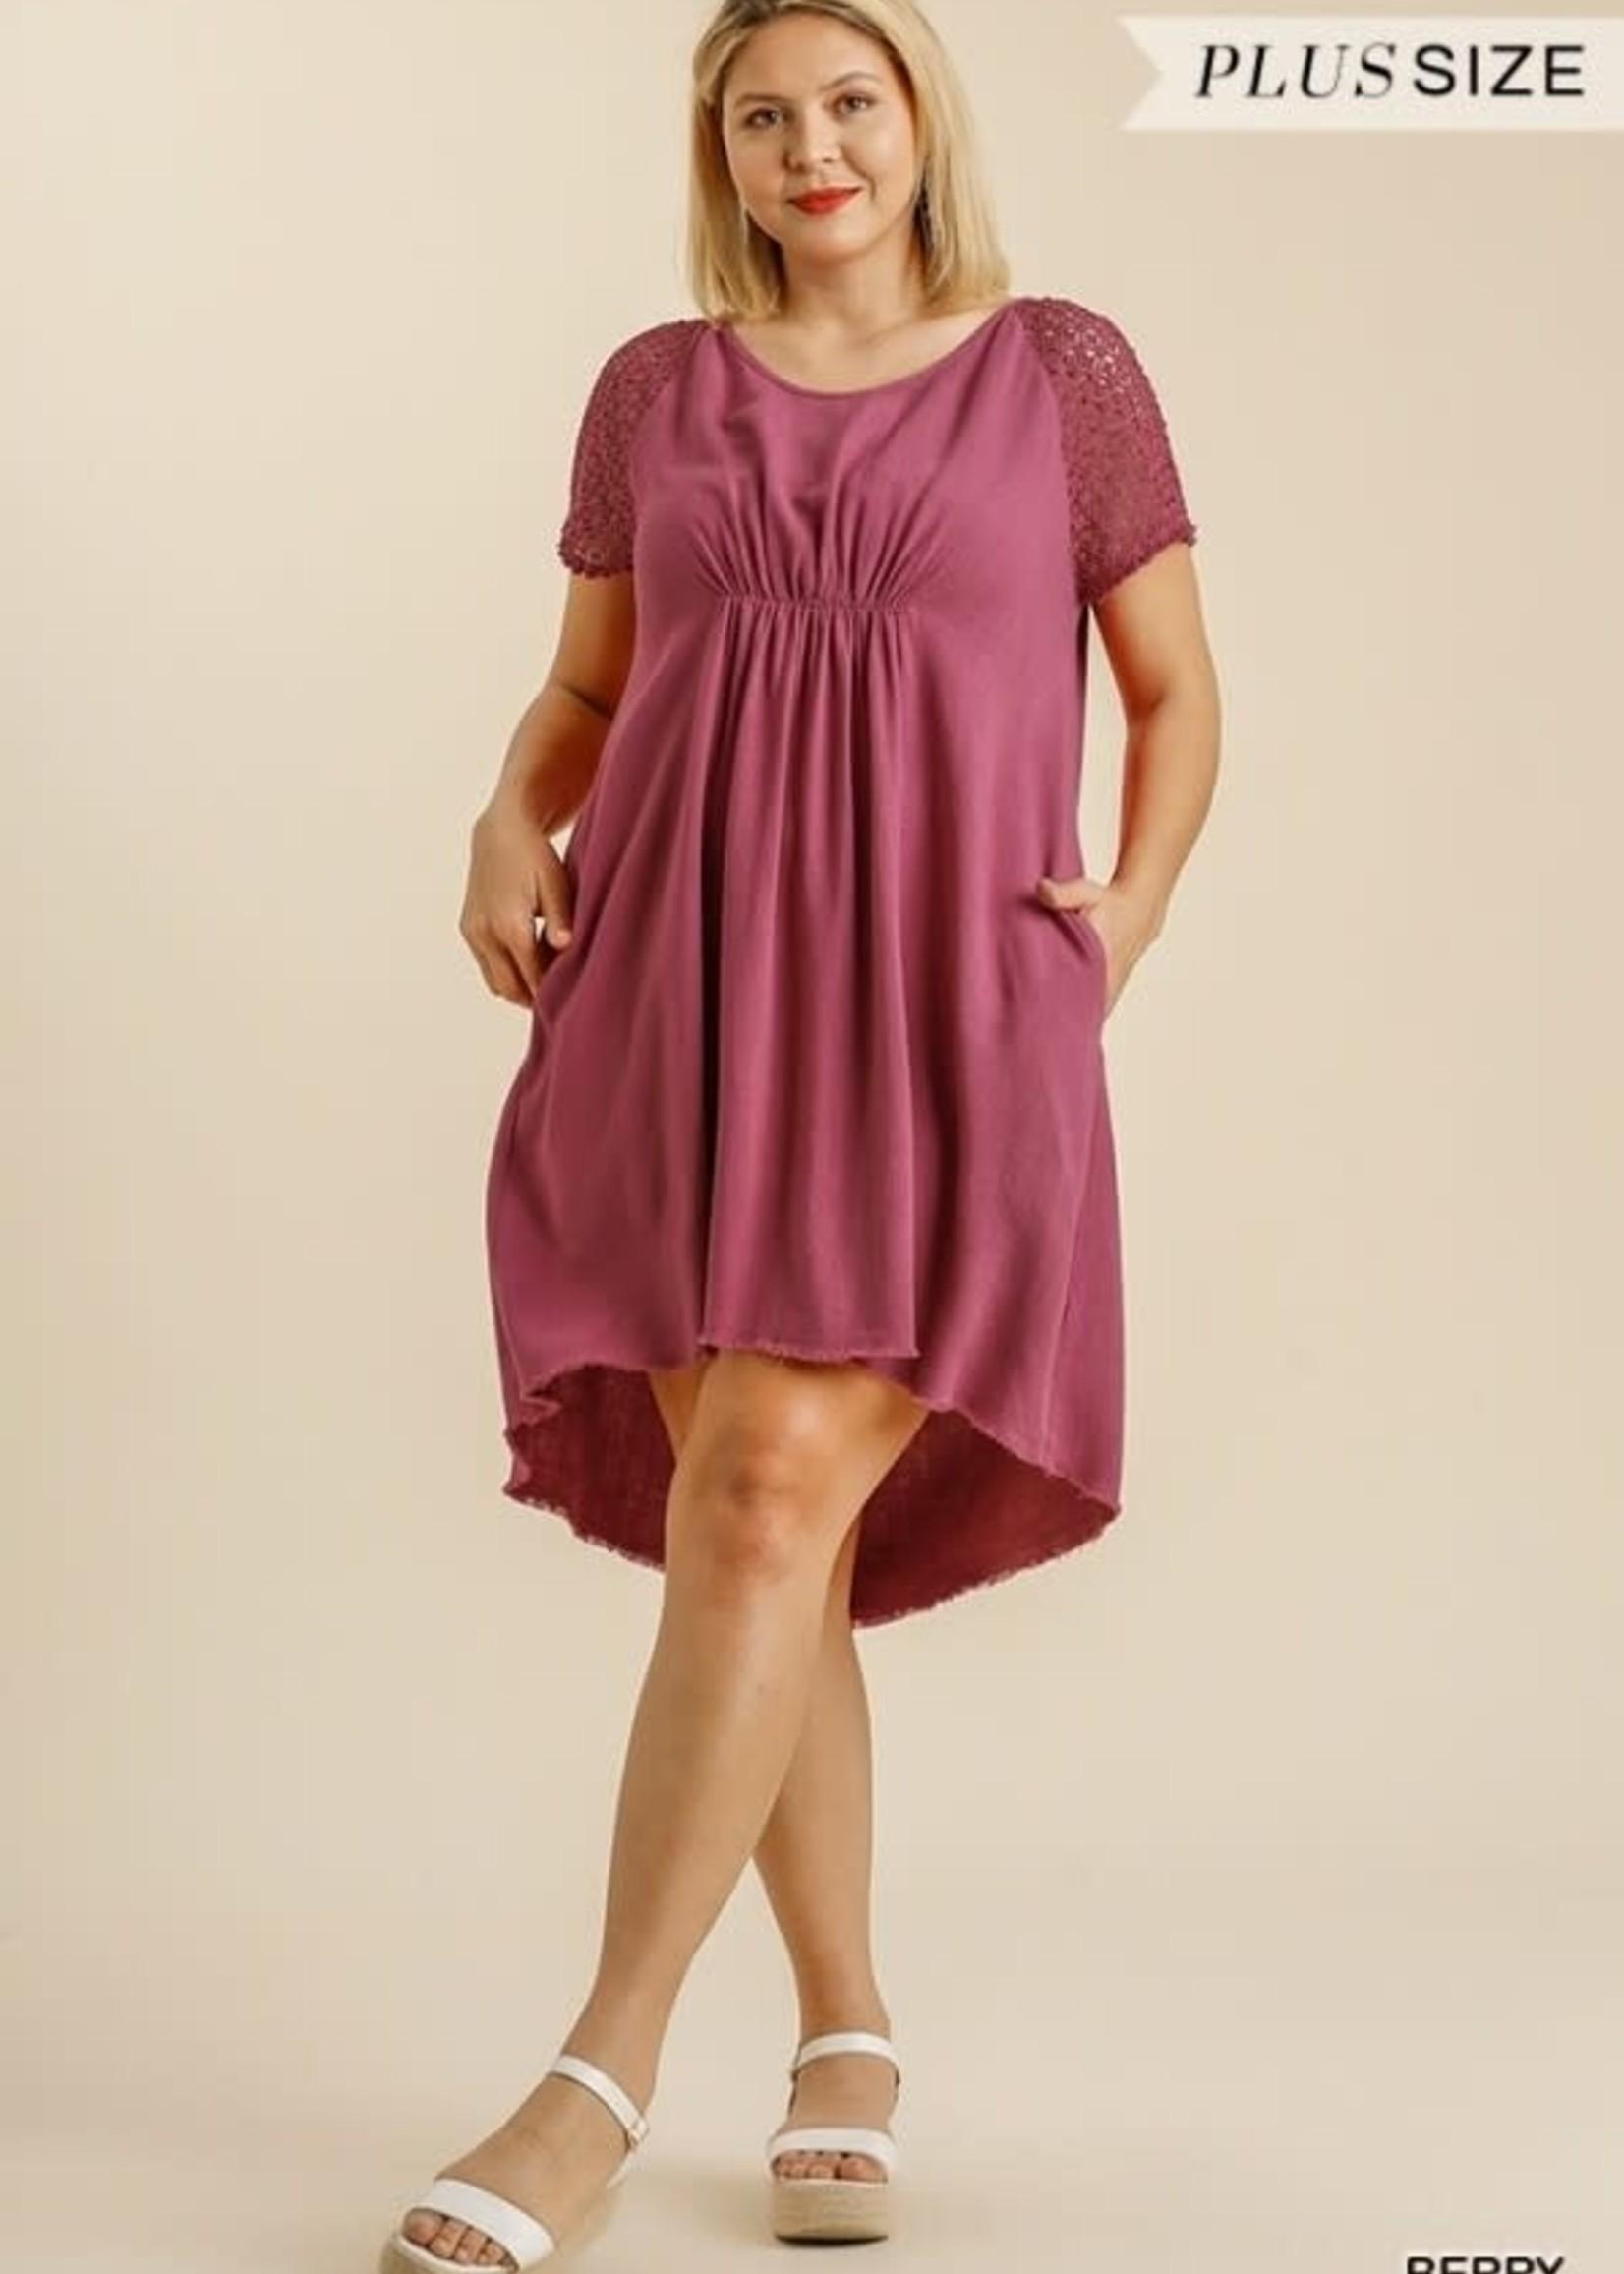 Umgee Crochet Detail Short Sleeve Round Neck Dress